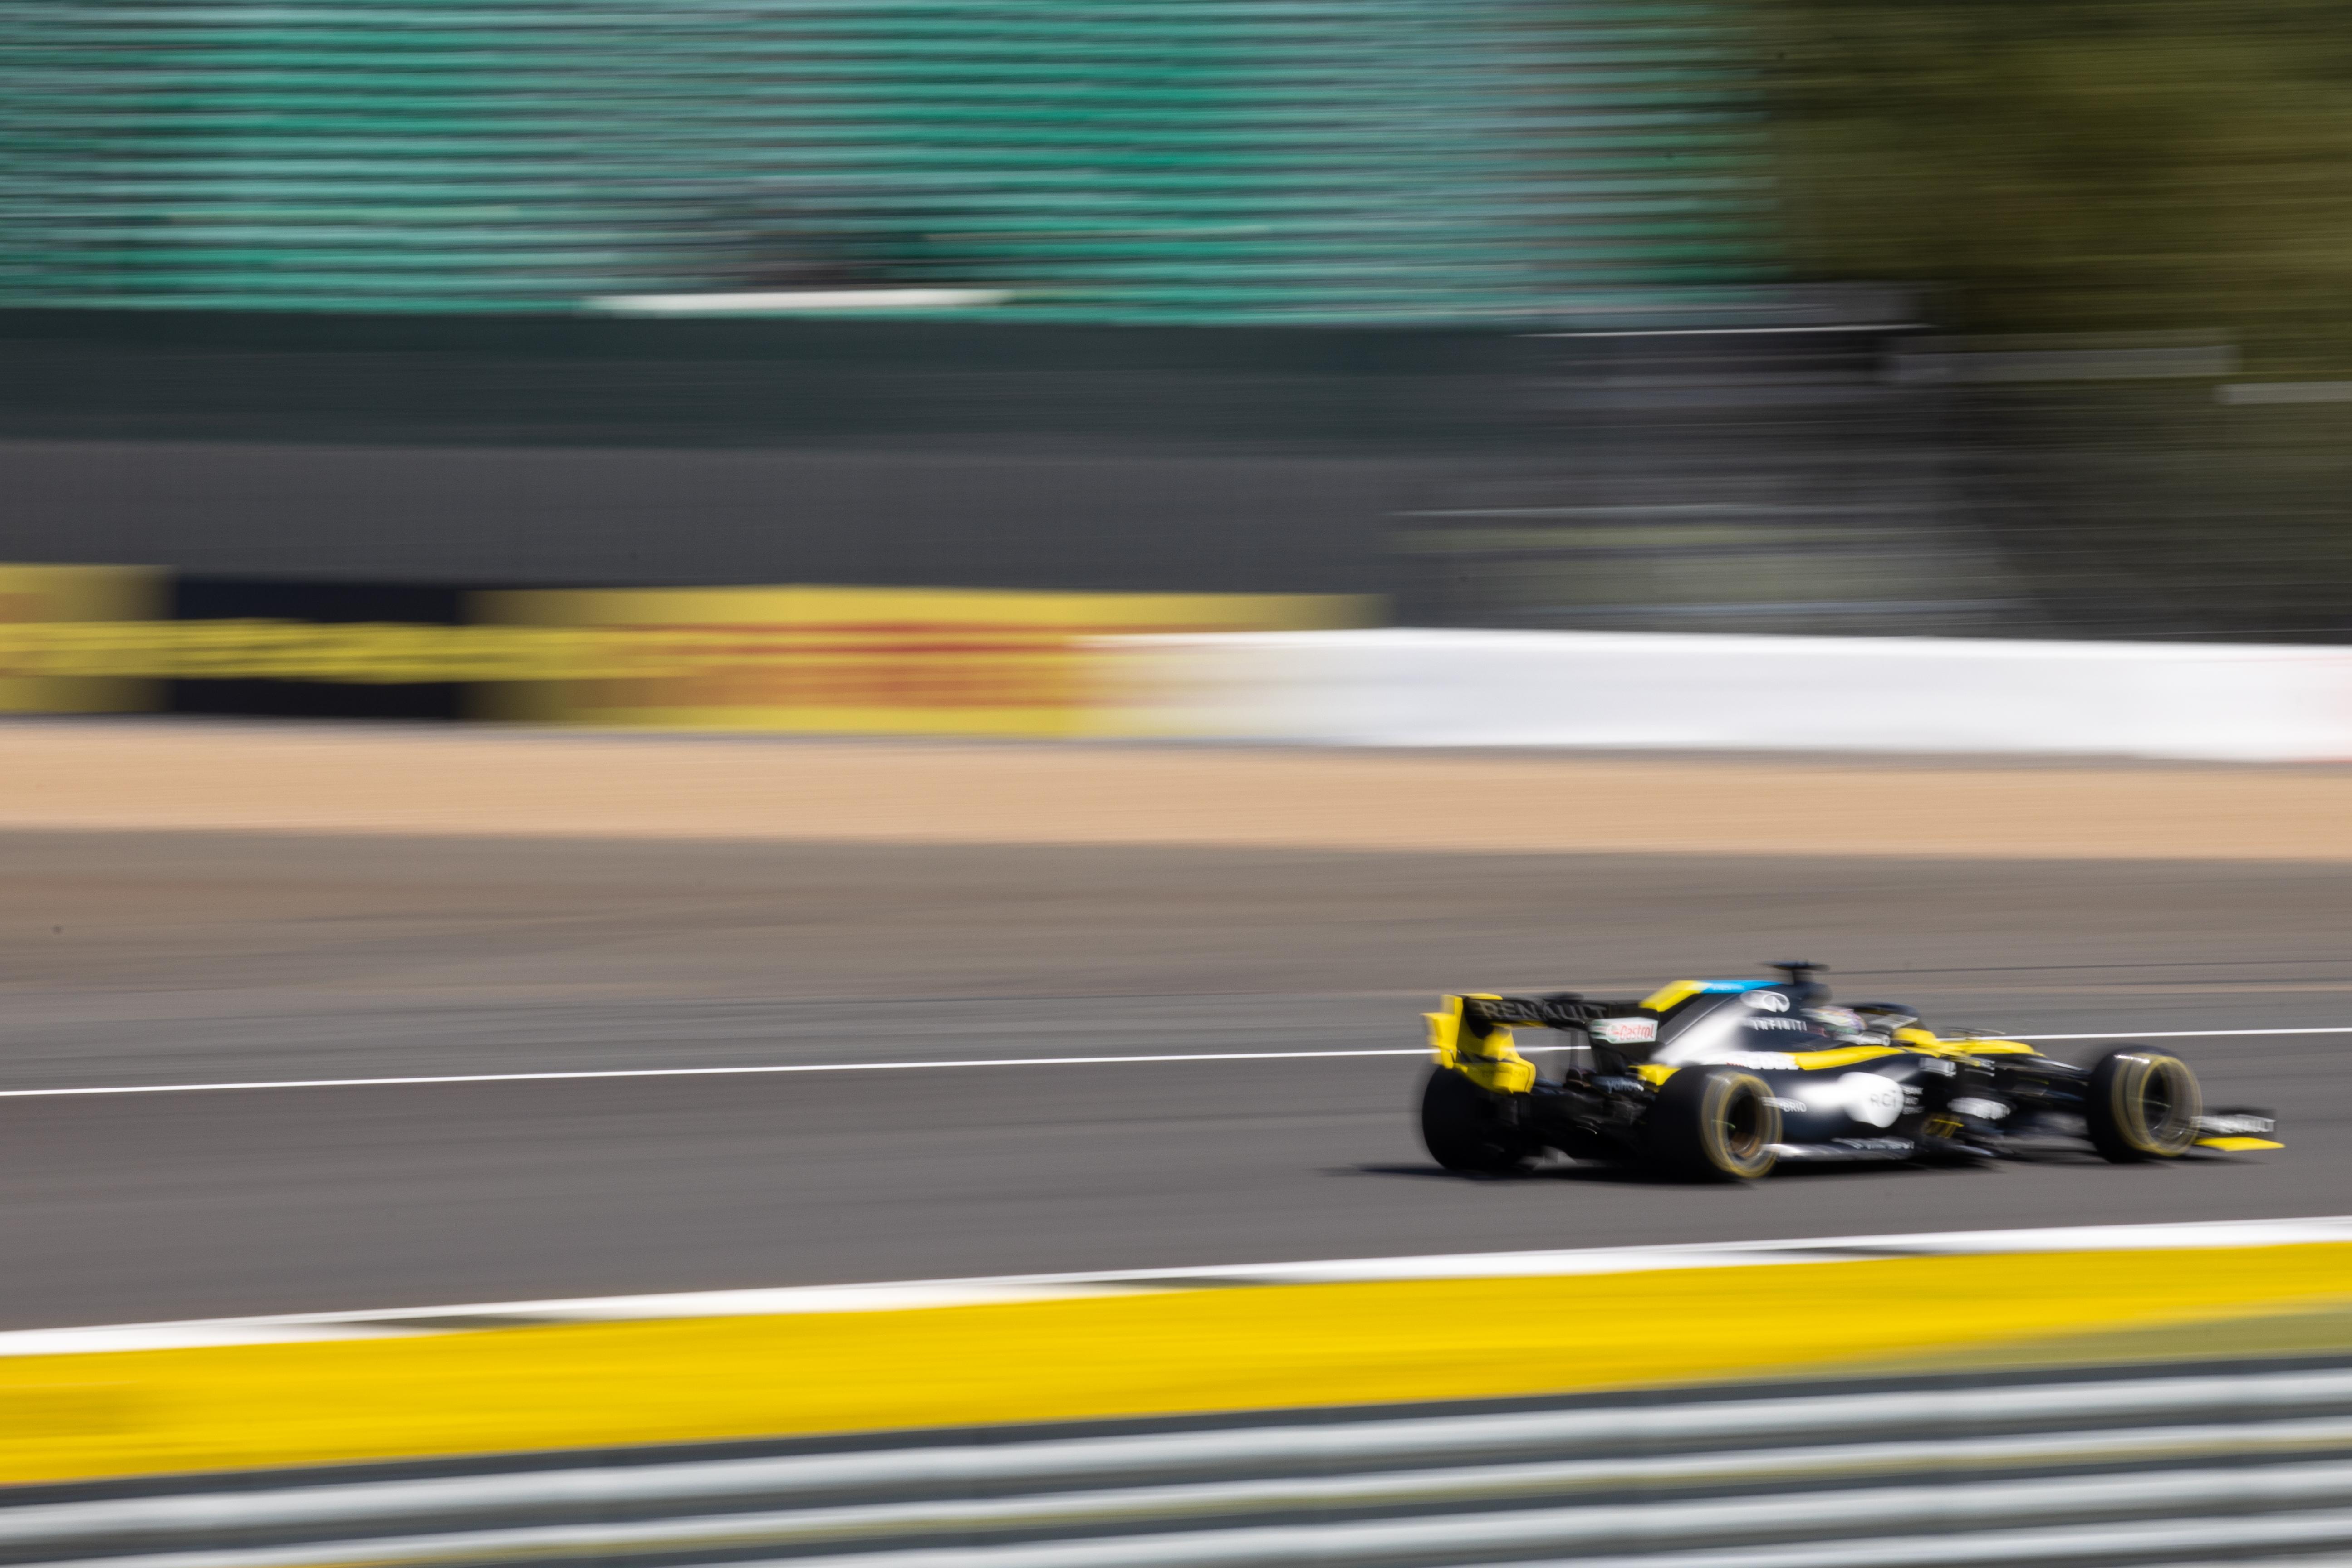 Daniel Ricciardo Renault British Grand Prix 2020 Silverstone